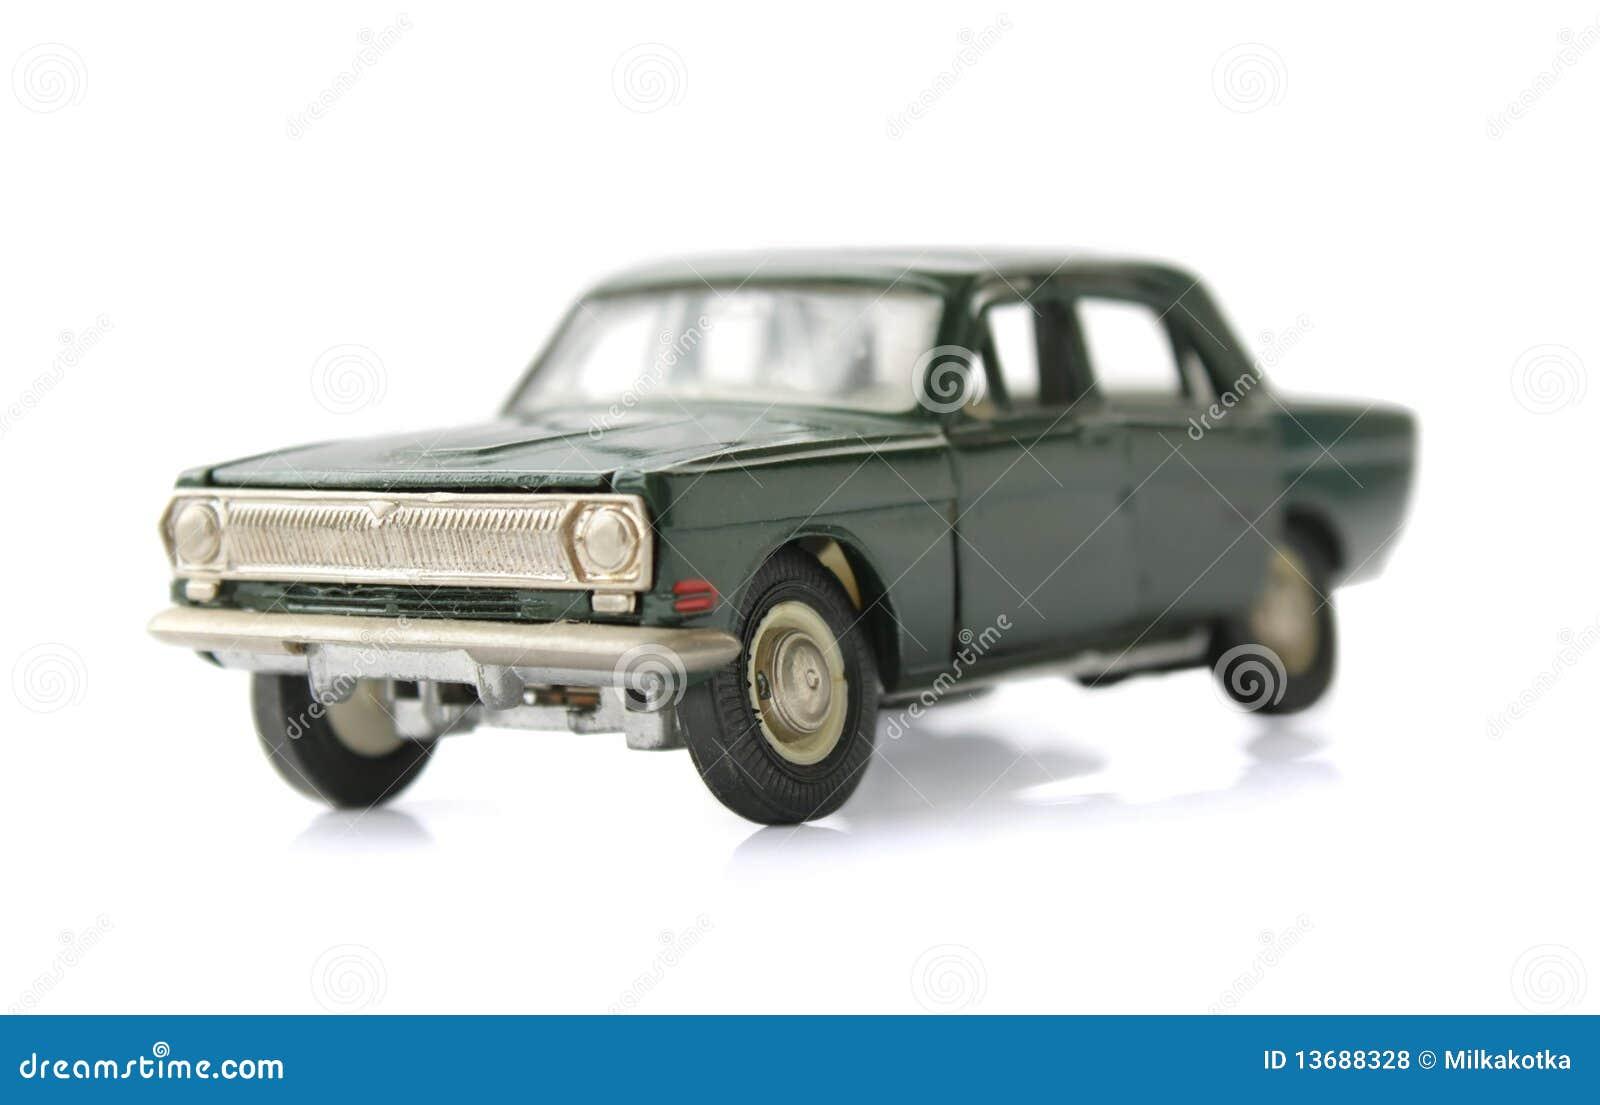 Vintage model cars for sale 4x4